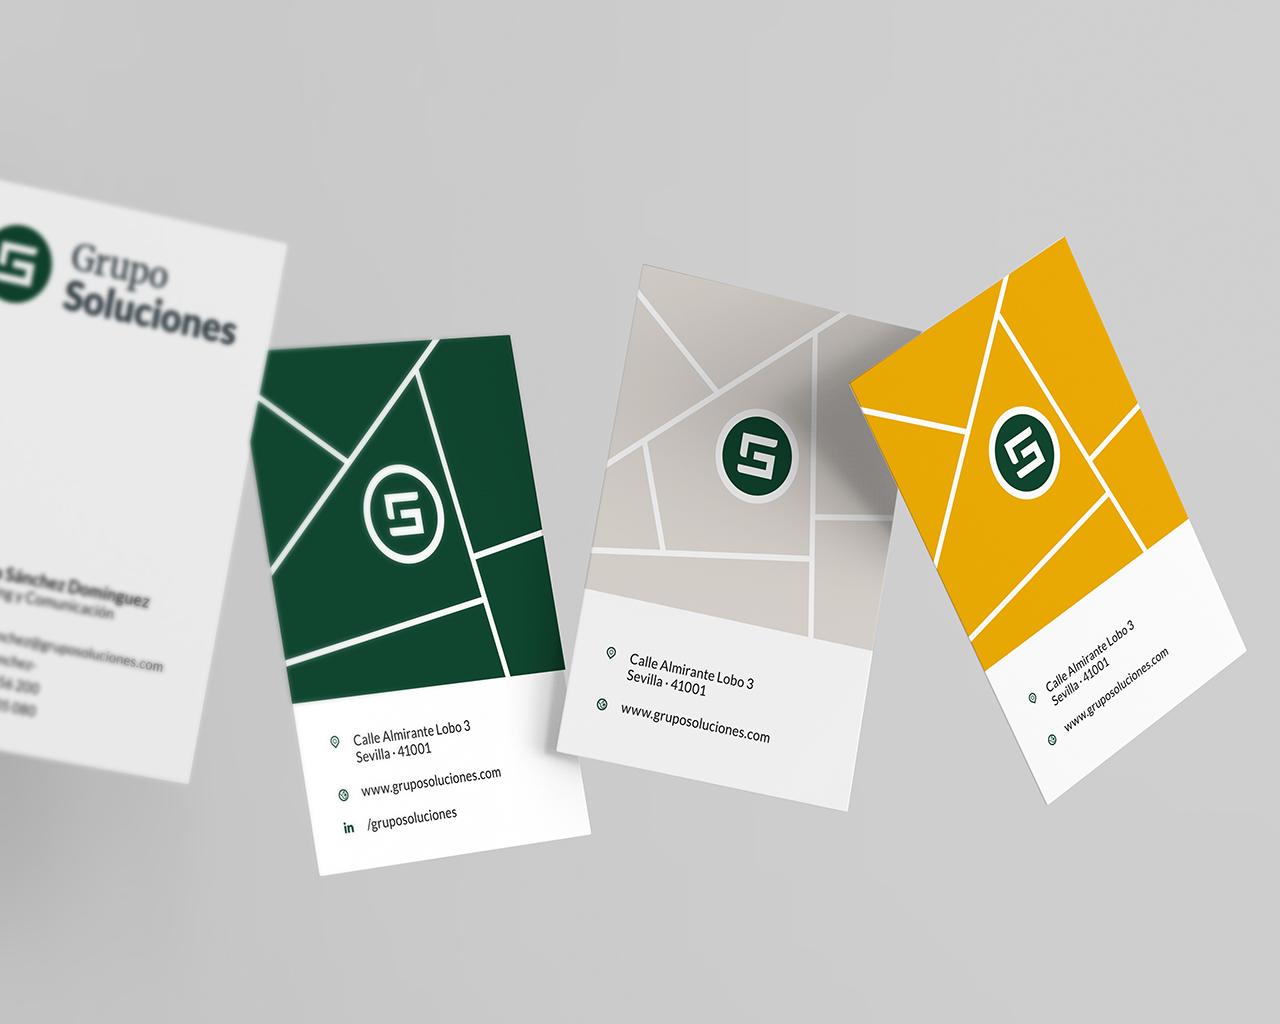 Tarjetas de Visita Grupo Soluciones - Diseño de Momo & Cía.